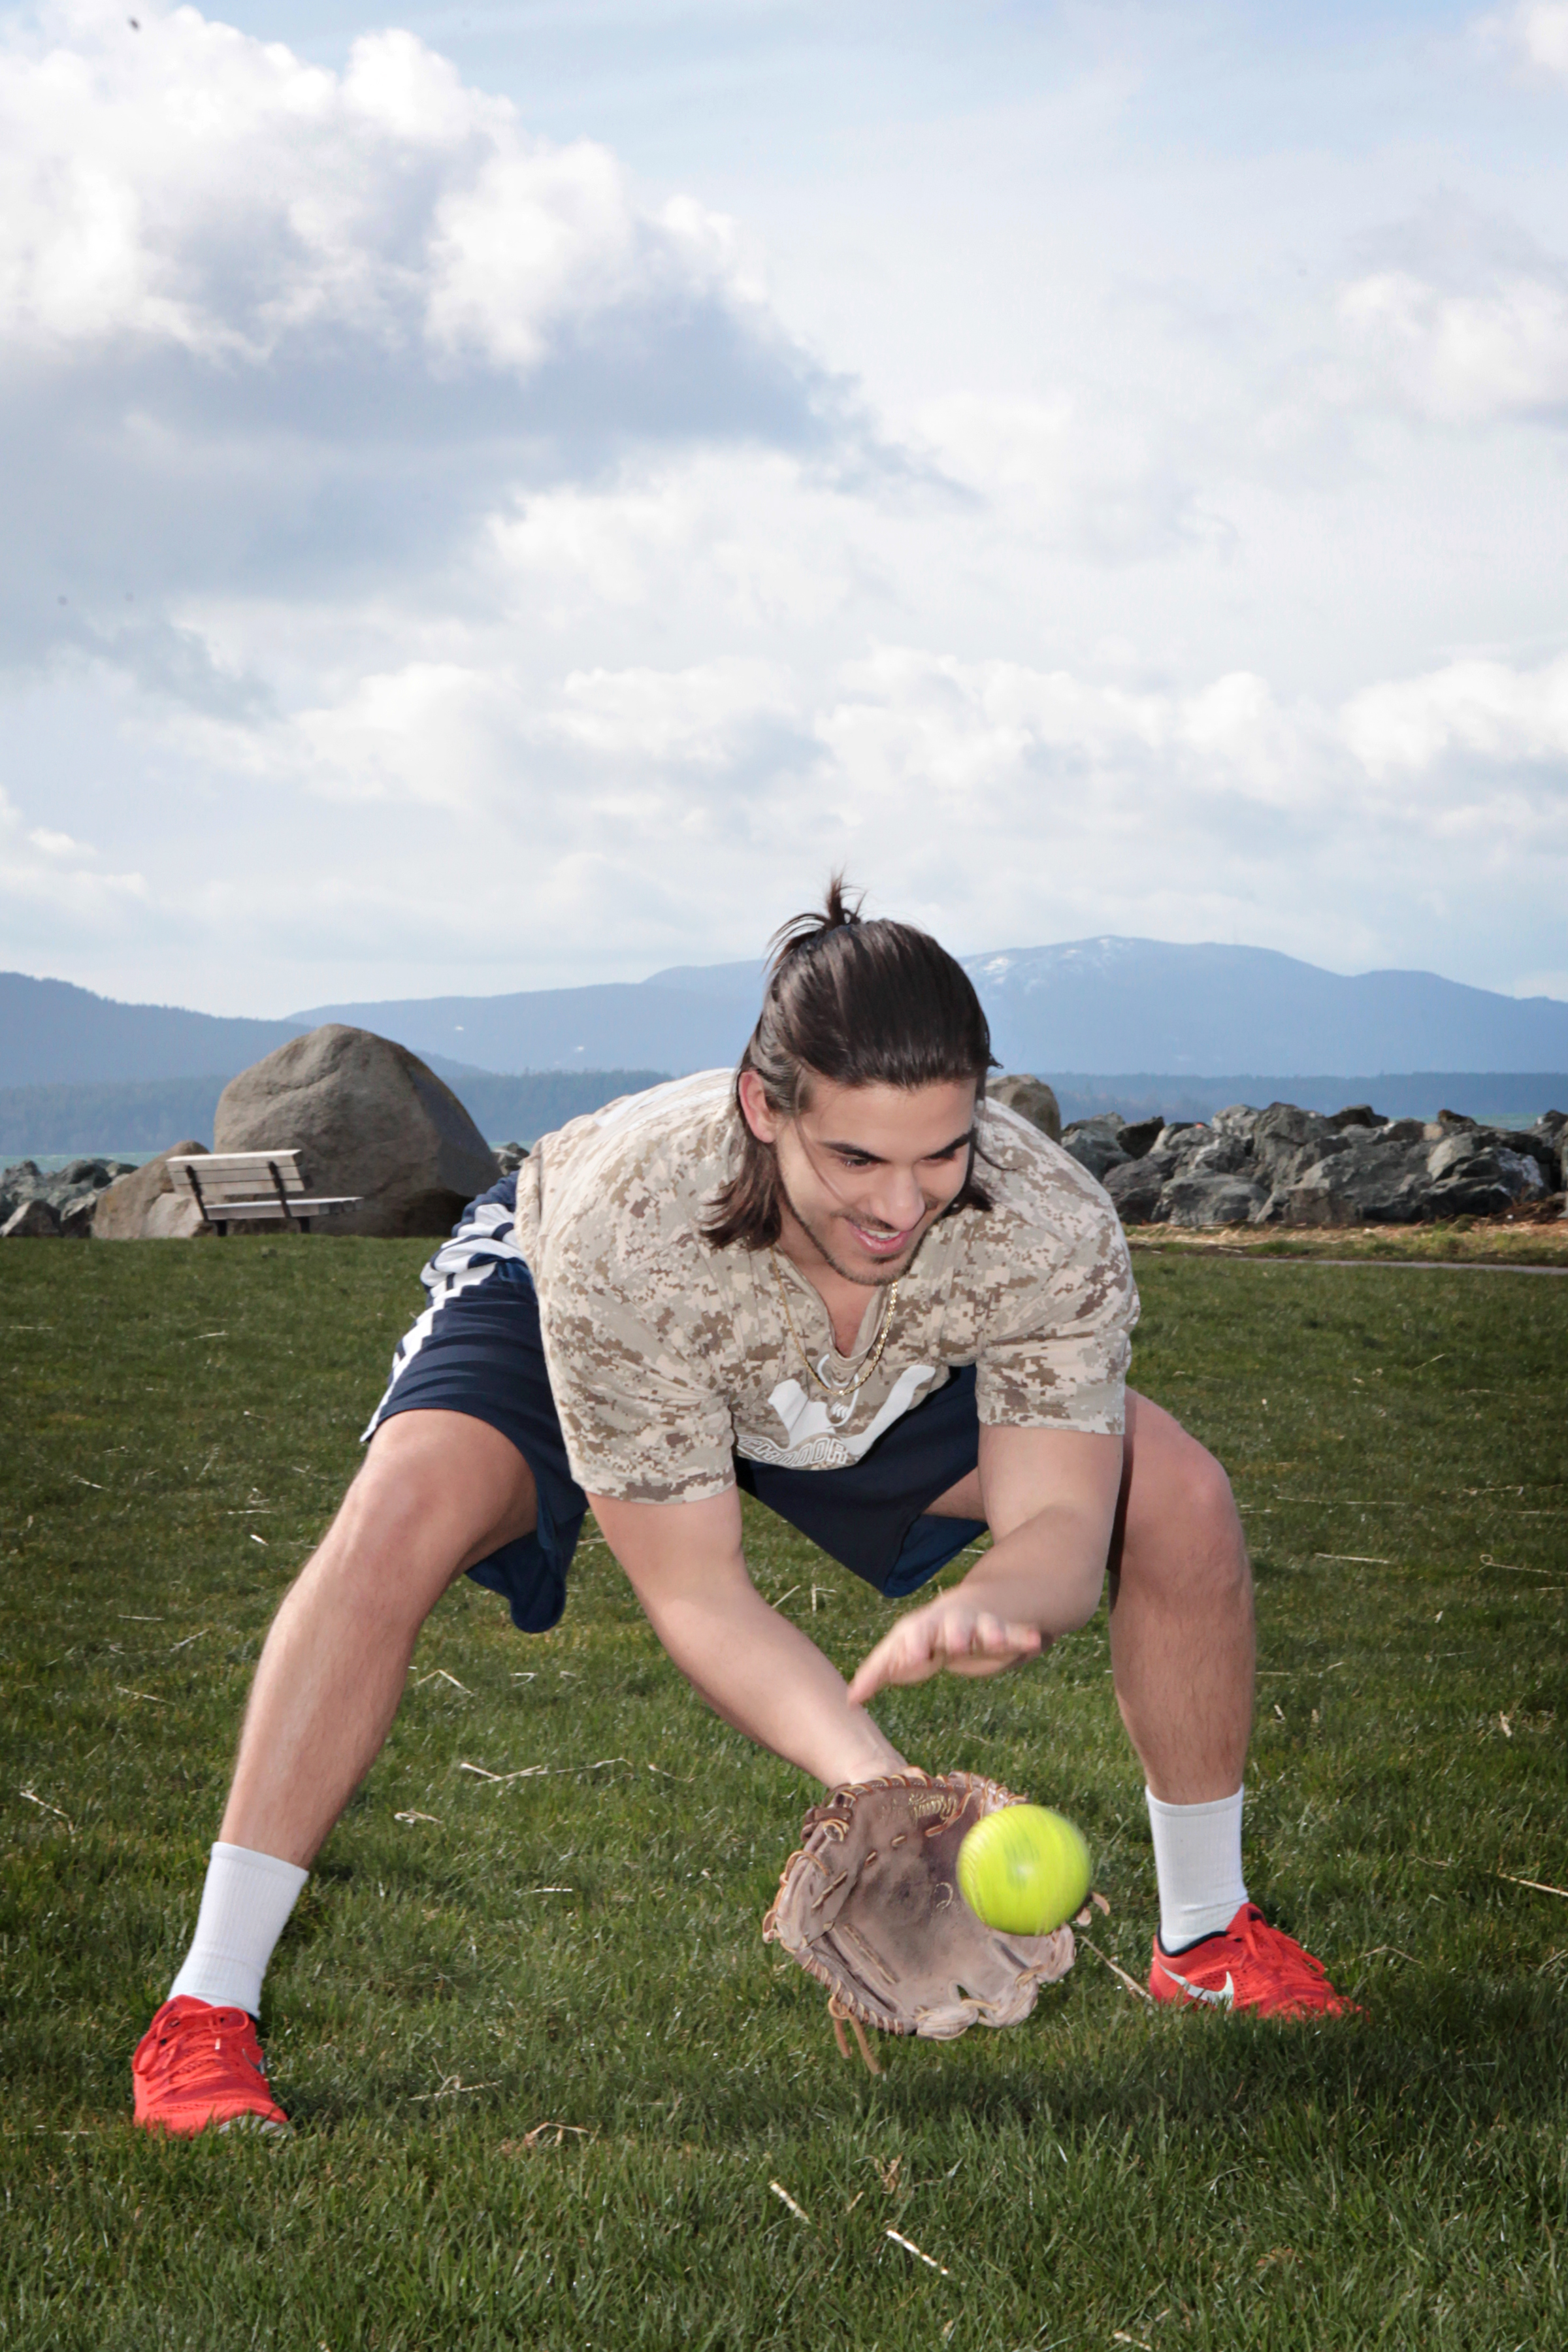 Conner Eddy catching a tennis ball in a baseball mitt